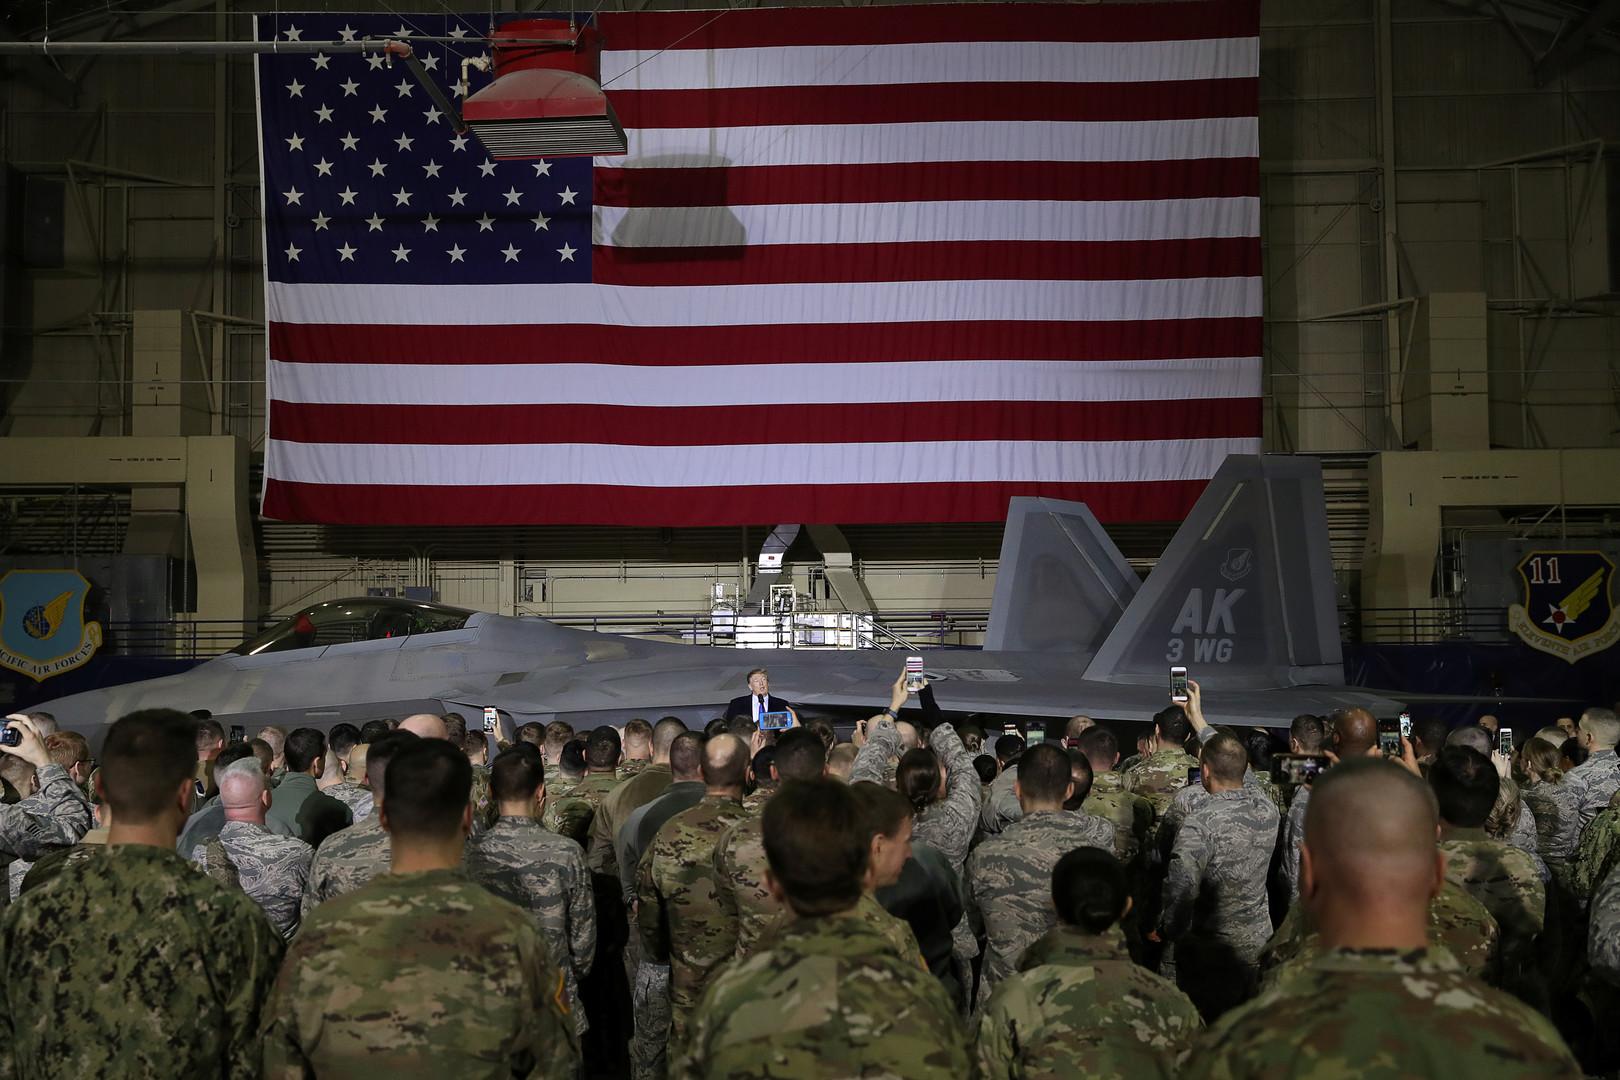 الرئيس الأمريكي، دونالد ترامب، يلقي كلمة أمام عسكريين أمريكيين